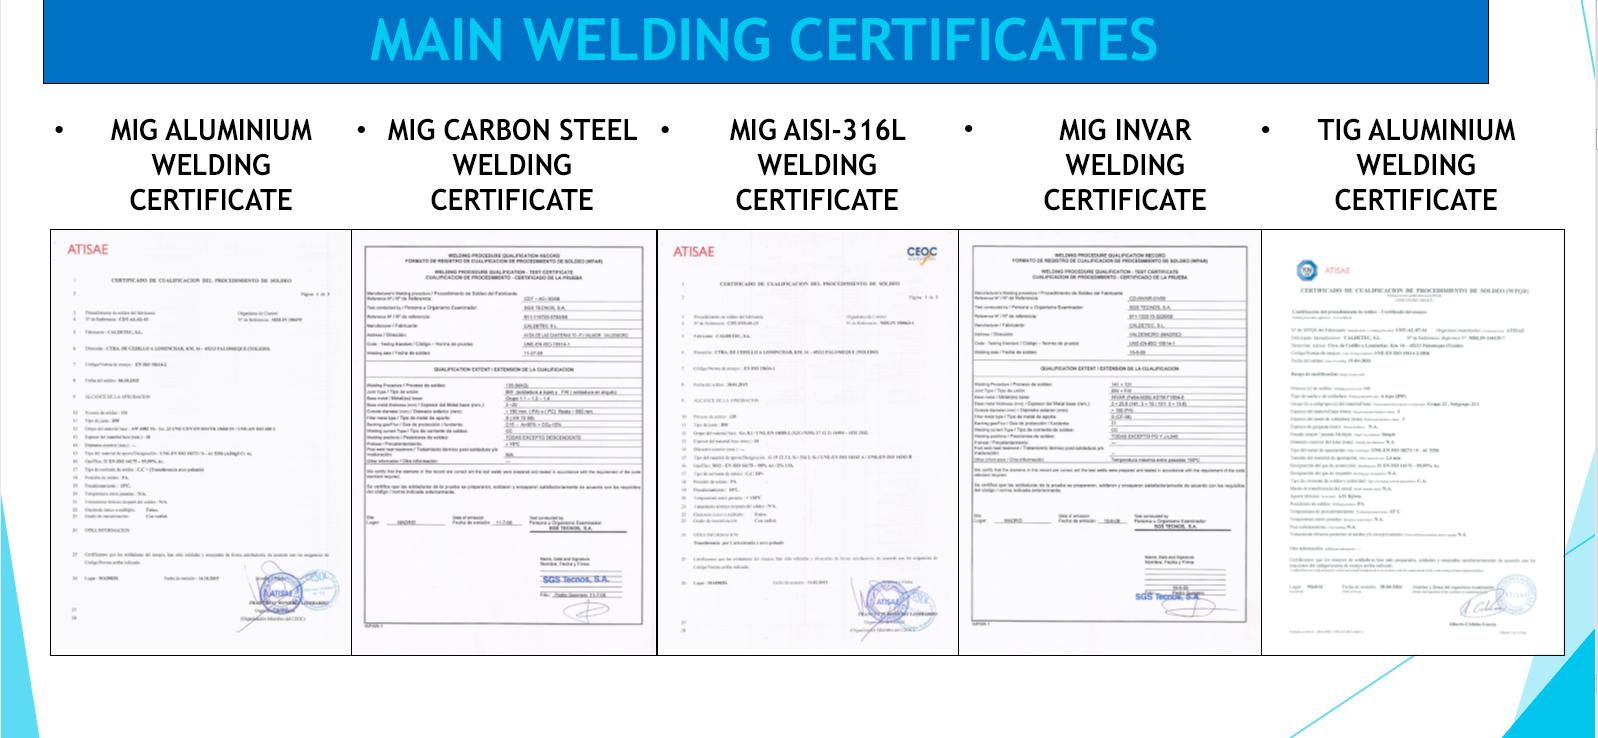 certificates - Metalwork and Welding